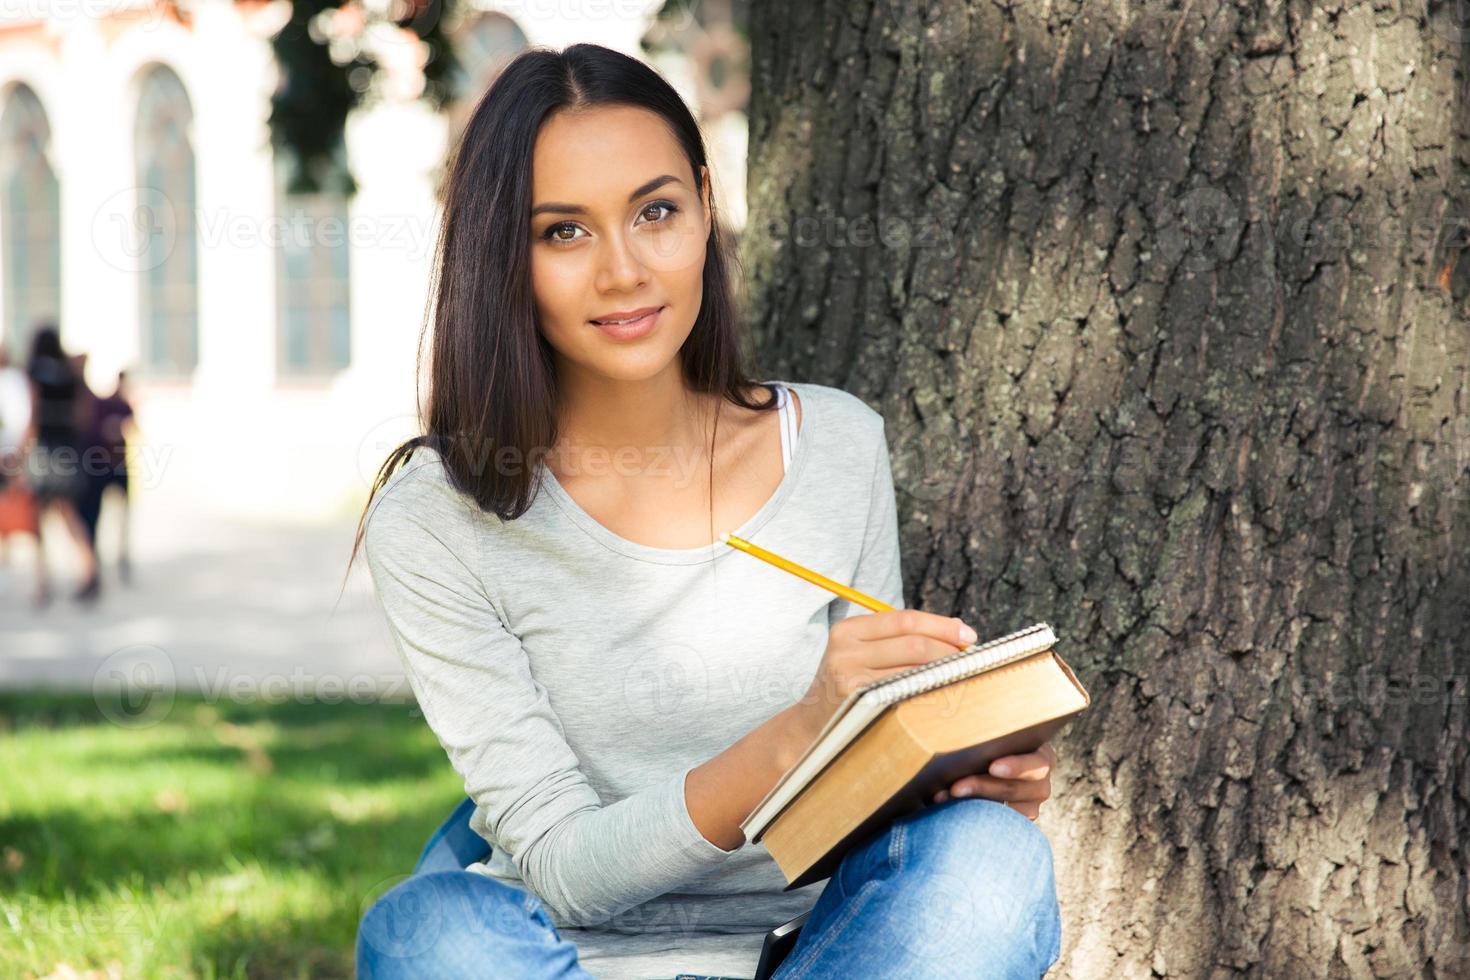 portret van een gelukkige vrouwelijke student foto